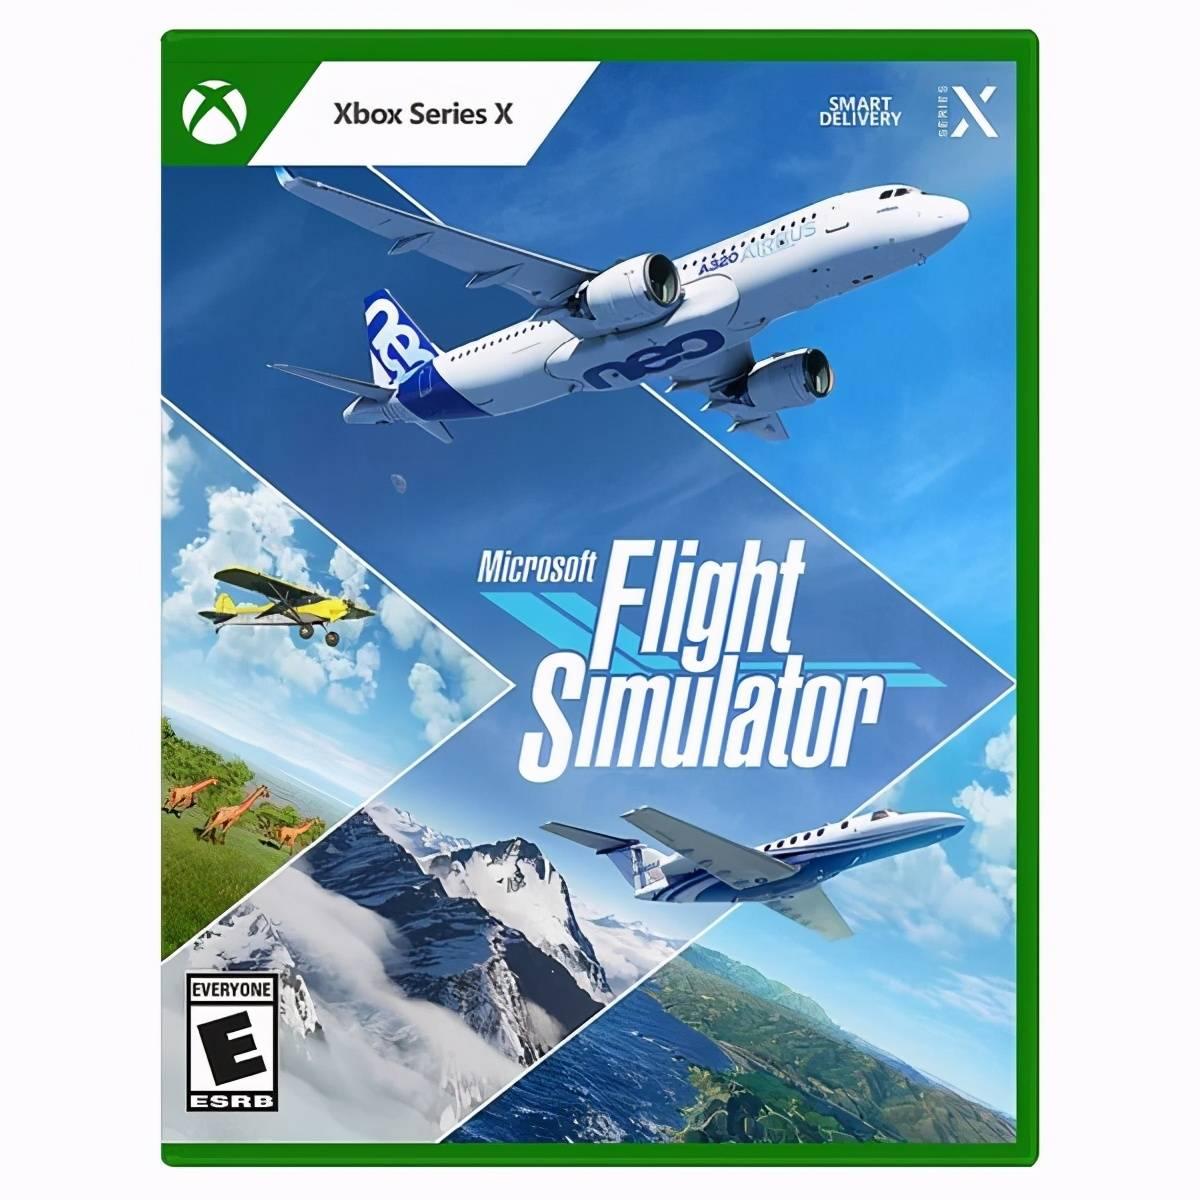 封面|微软·外媒爆料Xbox Series X/S实体游戏可能更换新封面